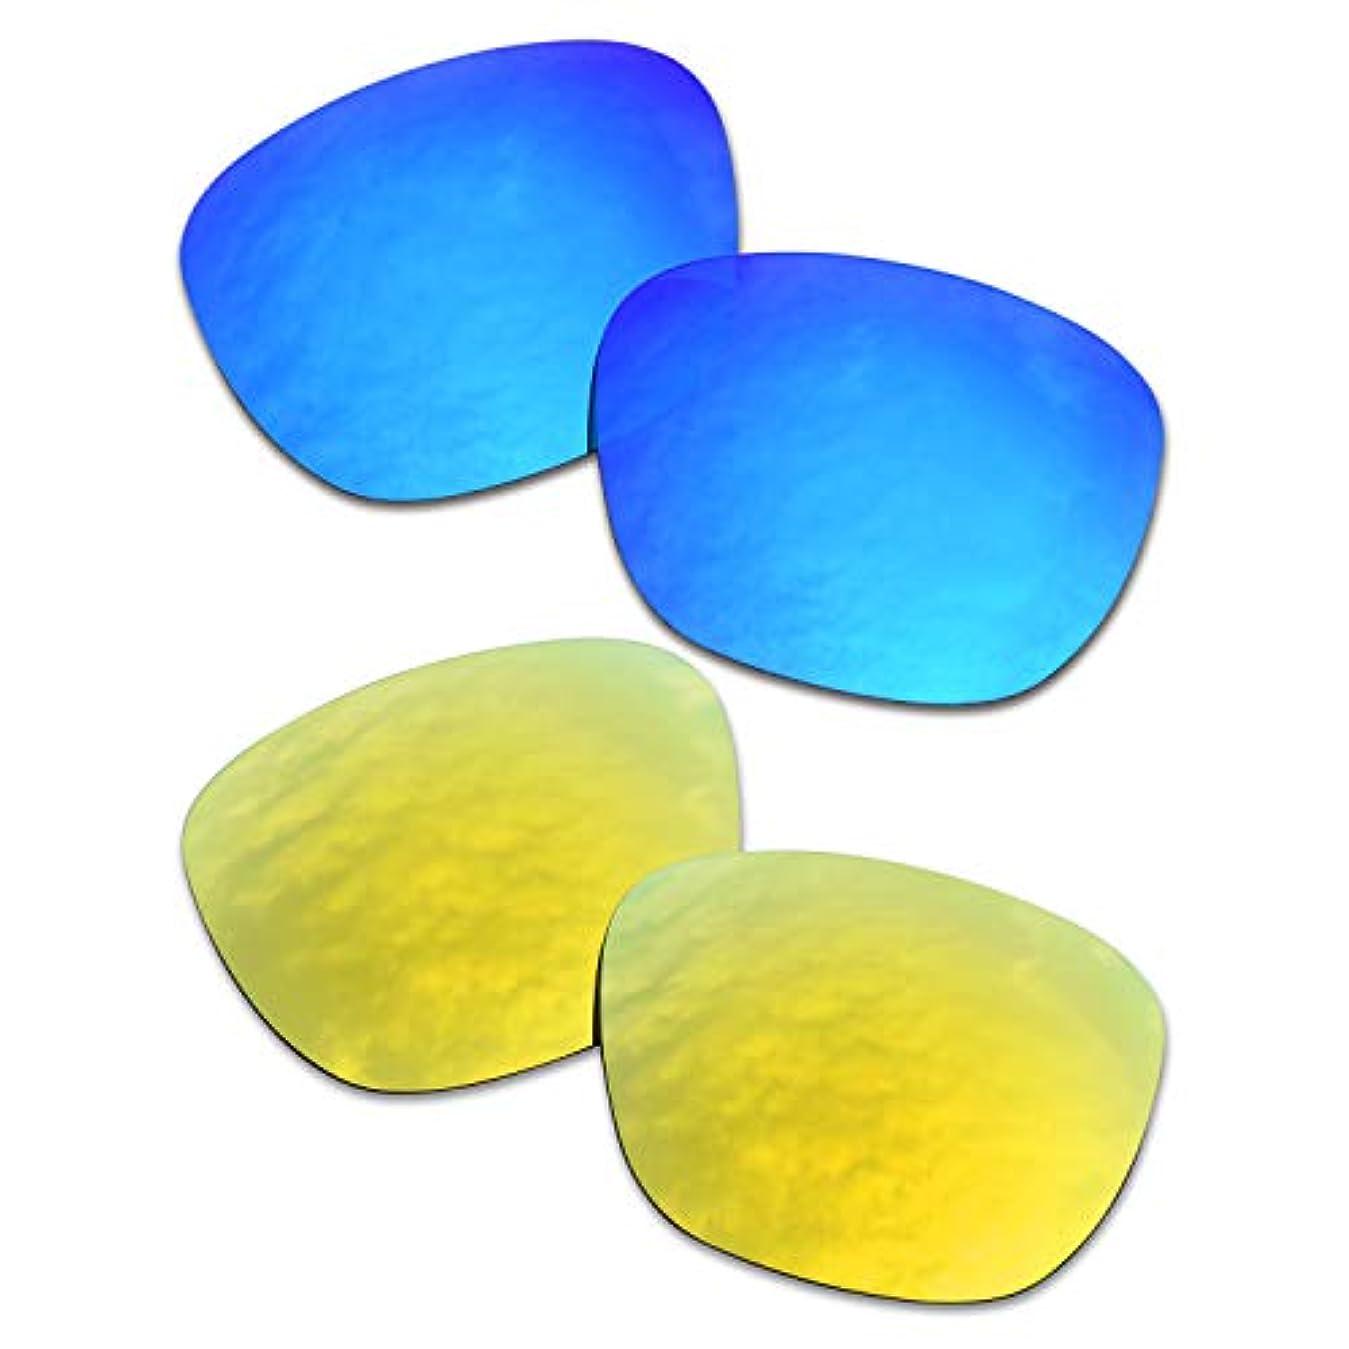 天窓見かけ上崇拝するSOODASE 為に Oakley Enduro サングラス ブルー/きんいろ 2 ペア 偏光交換使用するレンズ